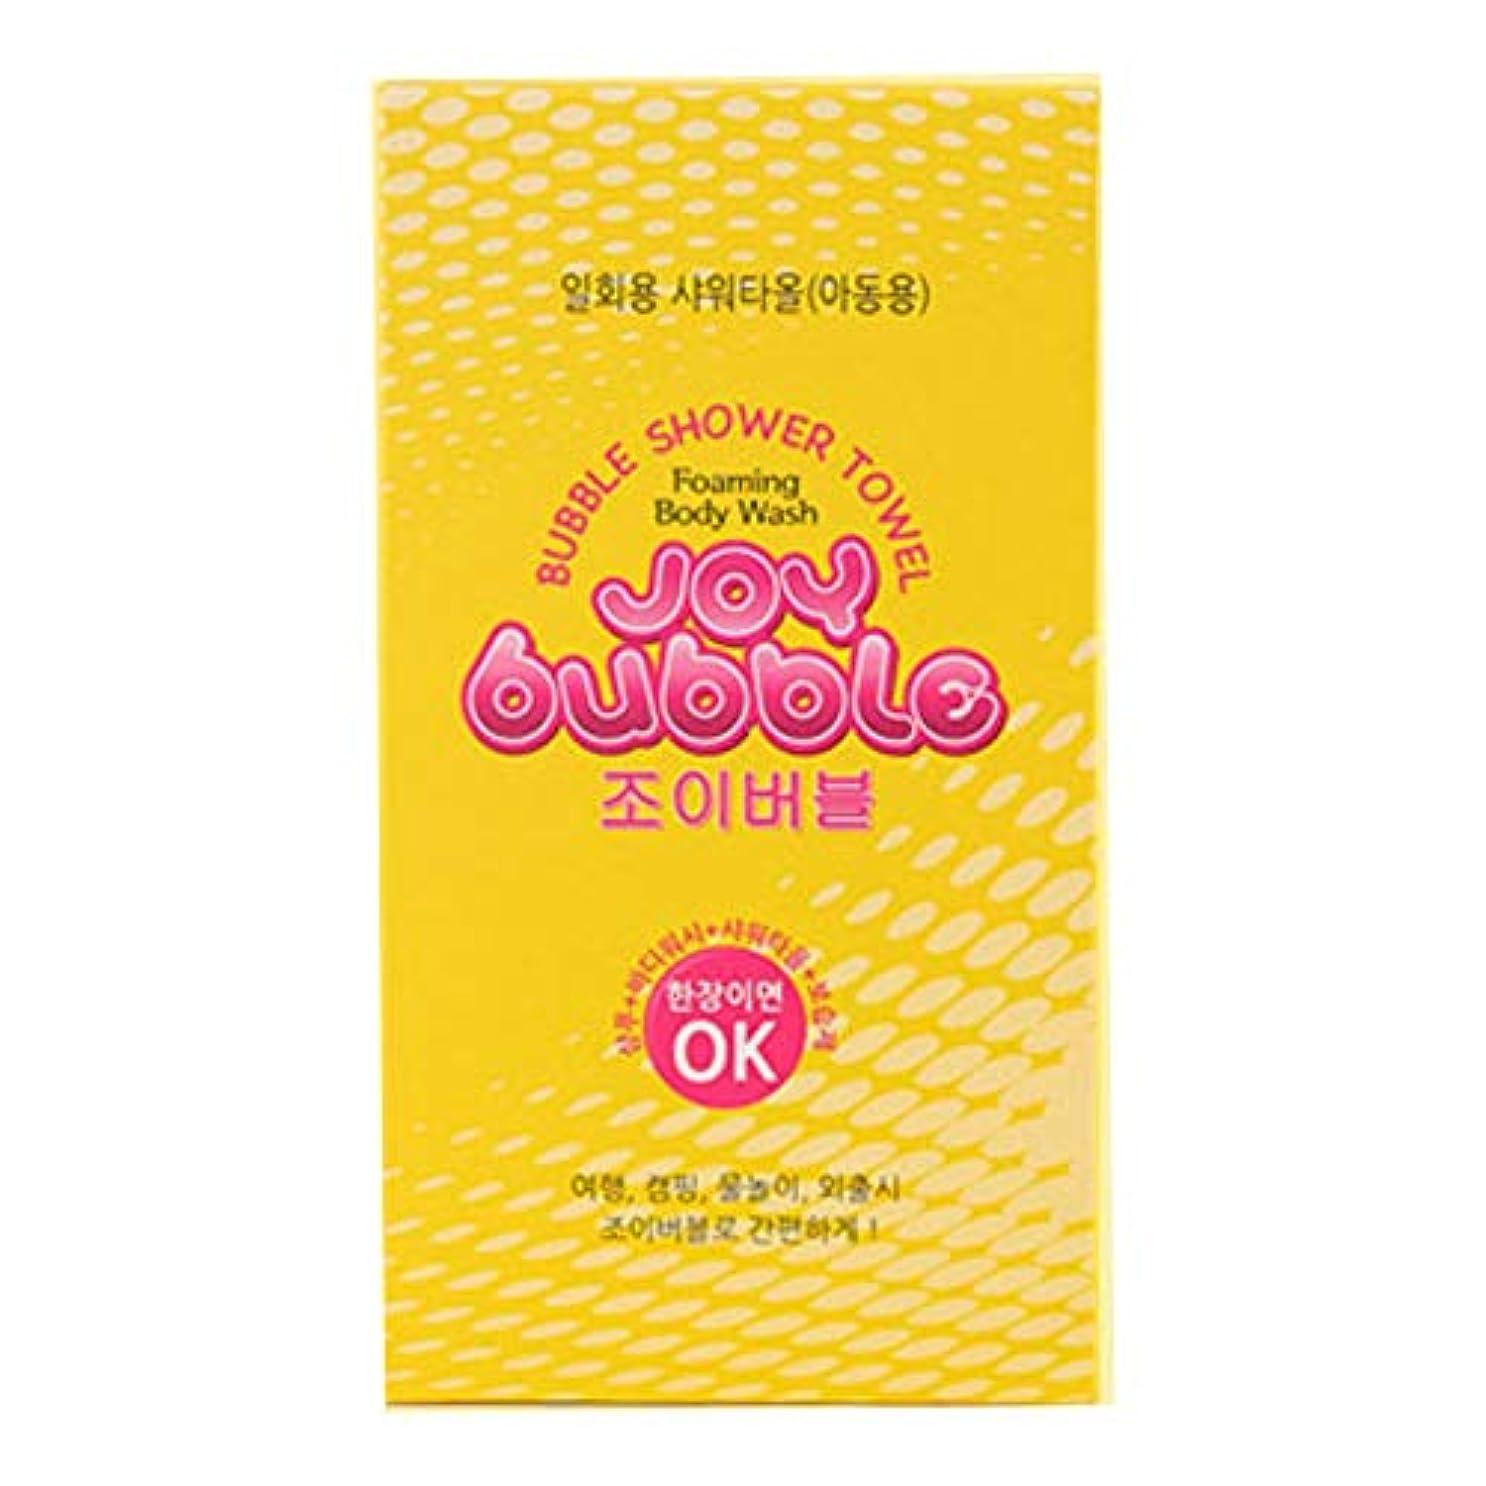 ブレイズ意識結婚式[TSP-Korea] Joy Bubble - バブル シャワー タオル 旅行 旅 携帯 使い捨て シャワータオル(2 types)[並行輸入品] (子供用)